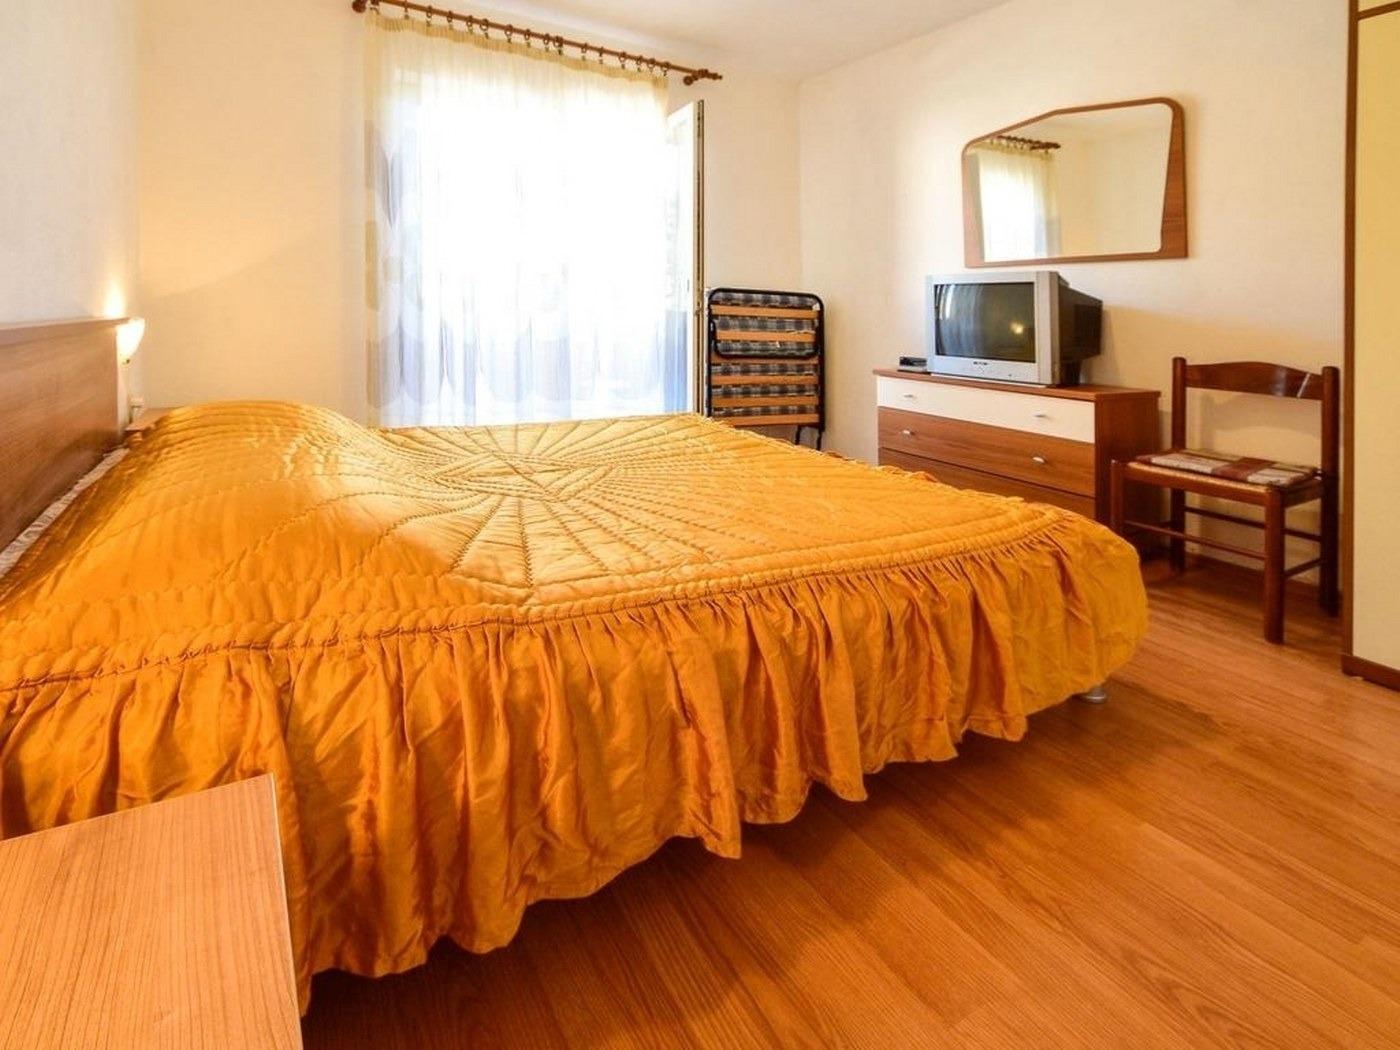 Appartement de vacances Marija A1(2+1) Prizemlje - Cres (739199), Cres (Stadt), Île de Cres, Kvarner, Croatie, image 8